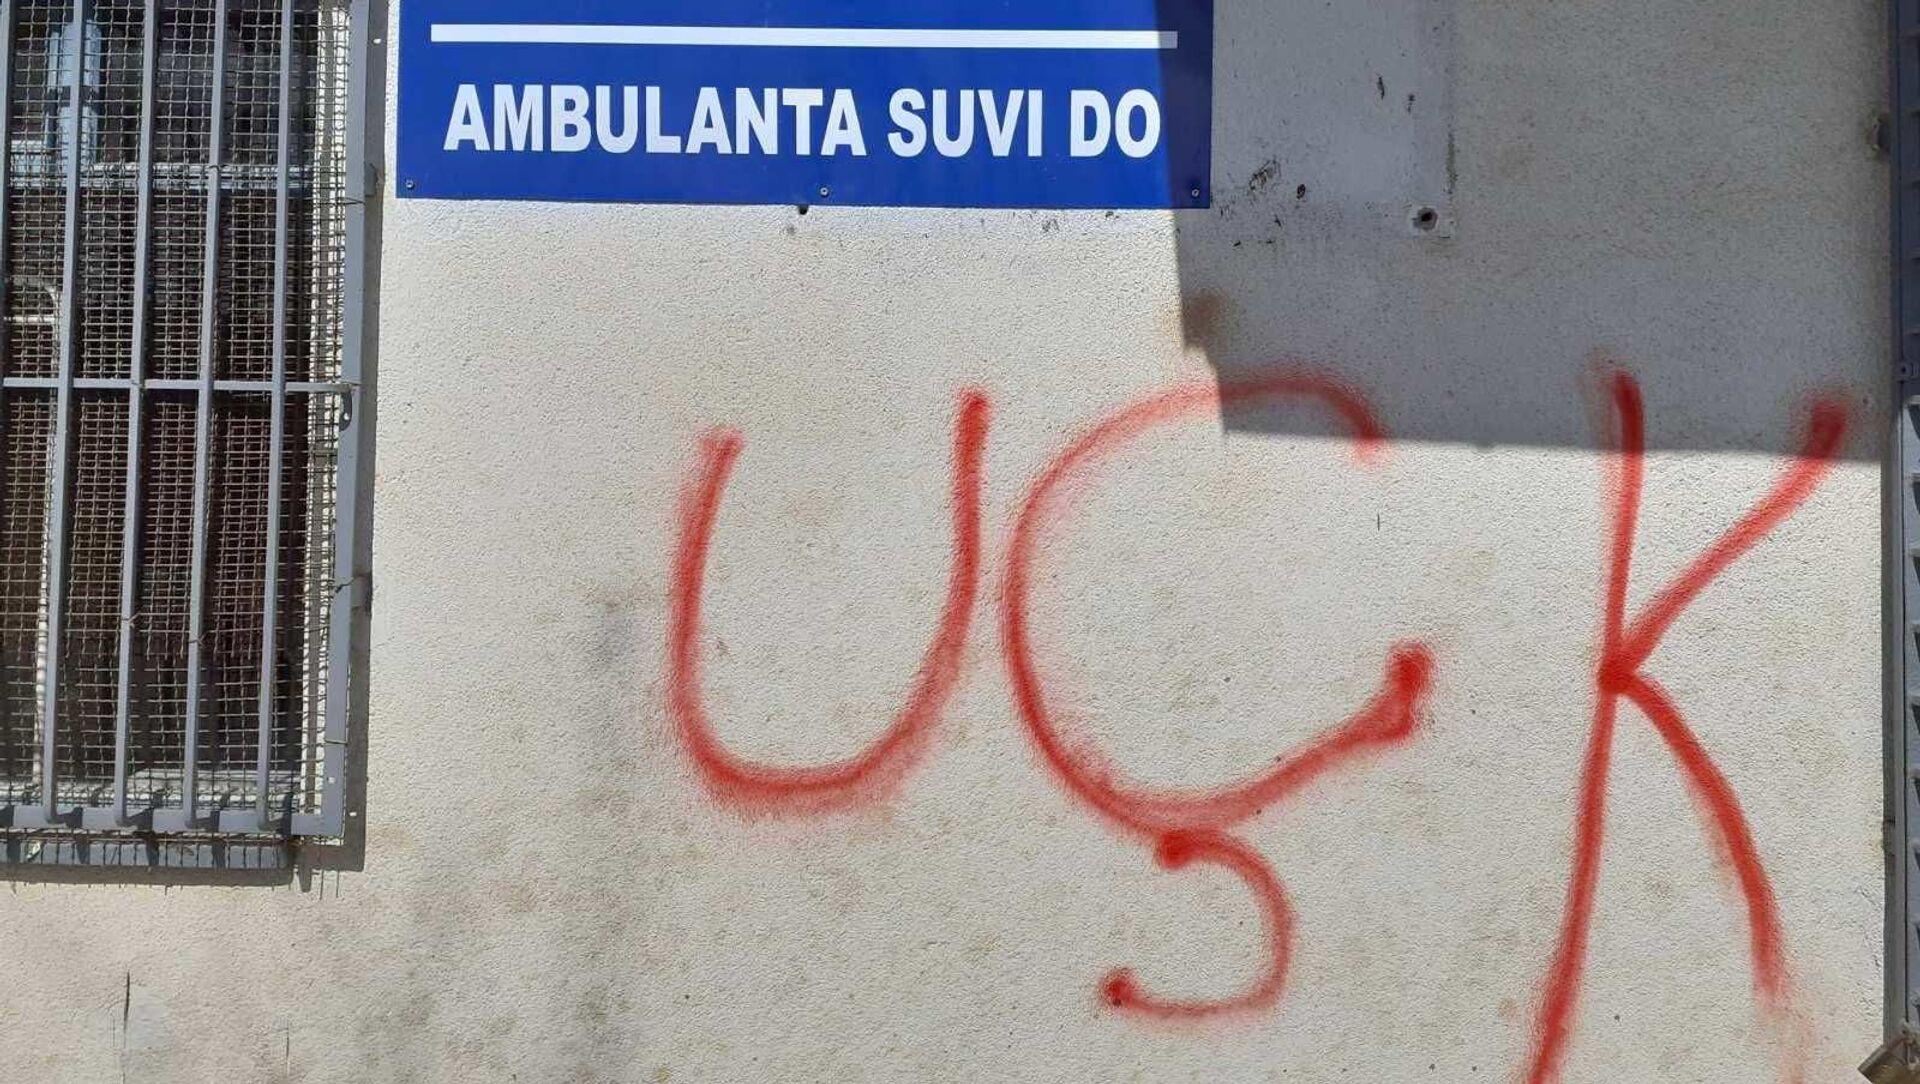 Графит УЧК на здравственој амбуланти у Сувом Долу - Sputnik Србија, 1920, 25.03.2021